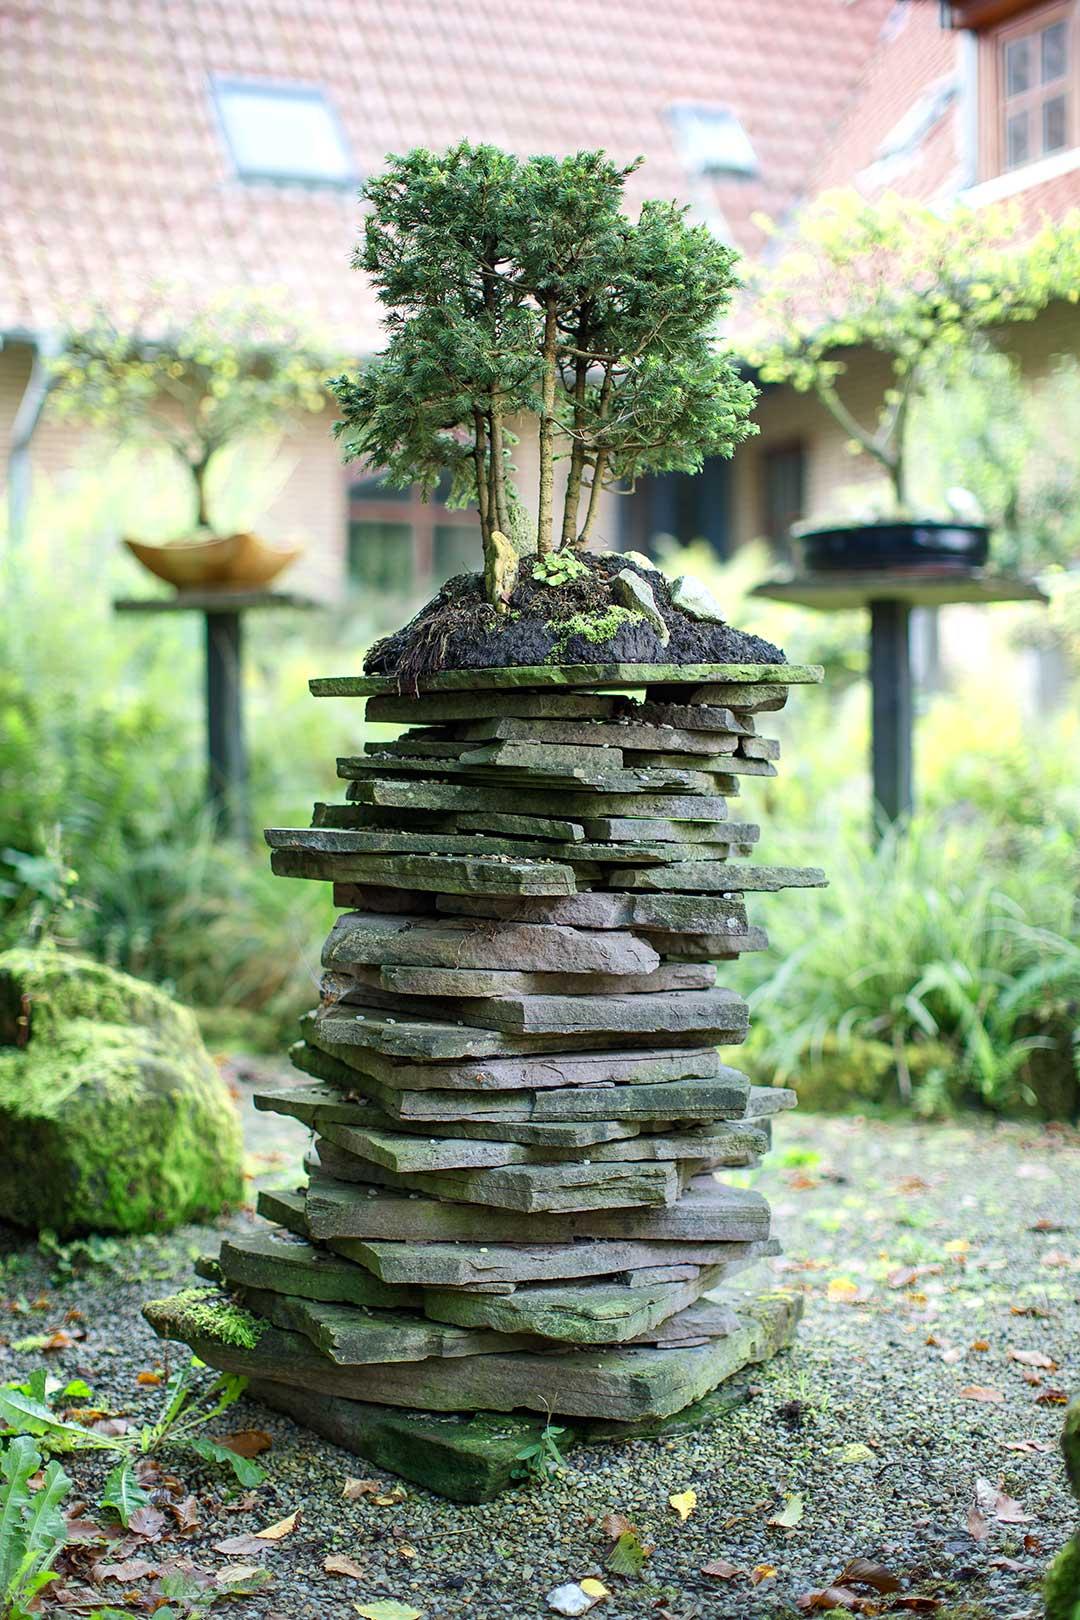 Architekturfotografie: Bonsai vor Immobilie | Foto: Dieter Eikenberg, imprints